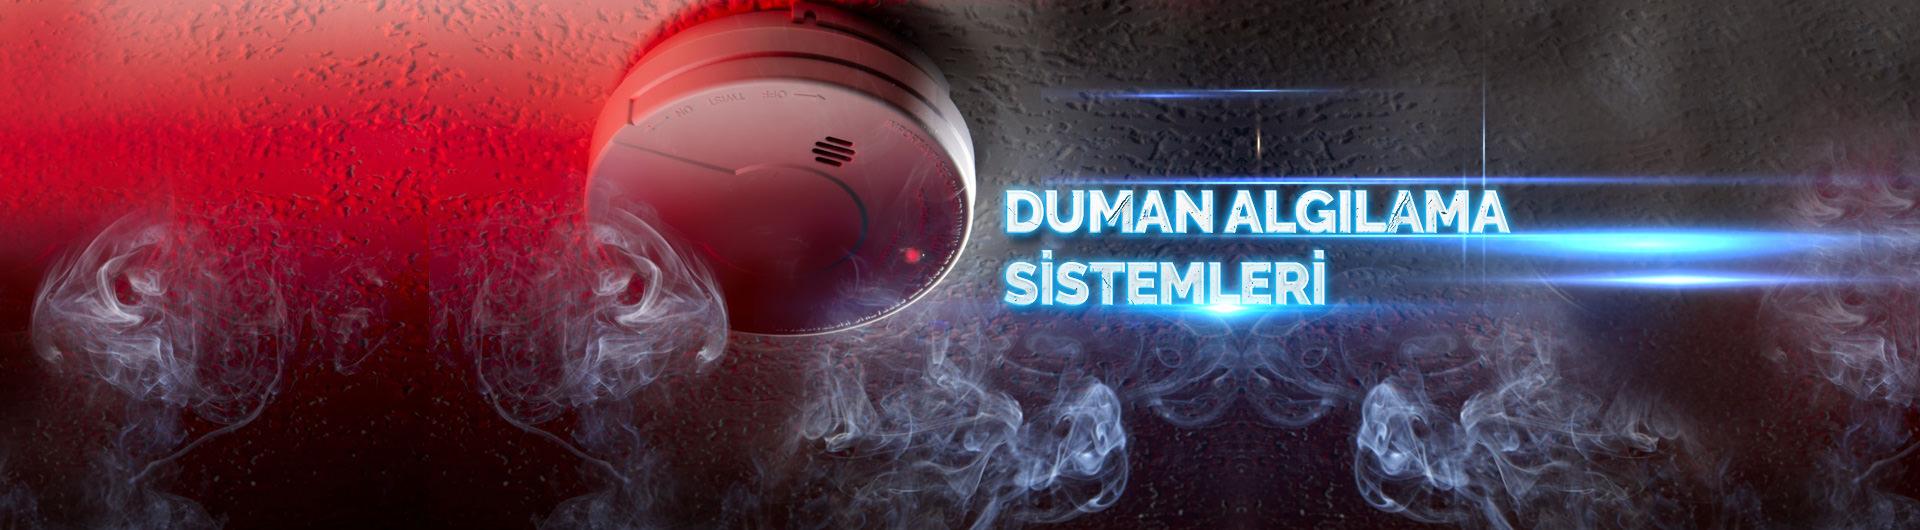 Duman Algılama Sistemleri